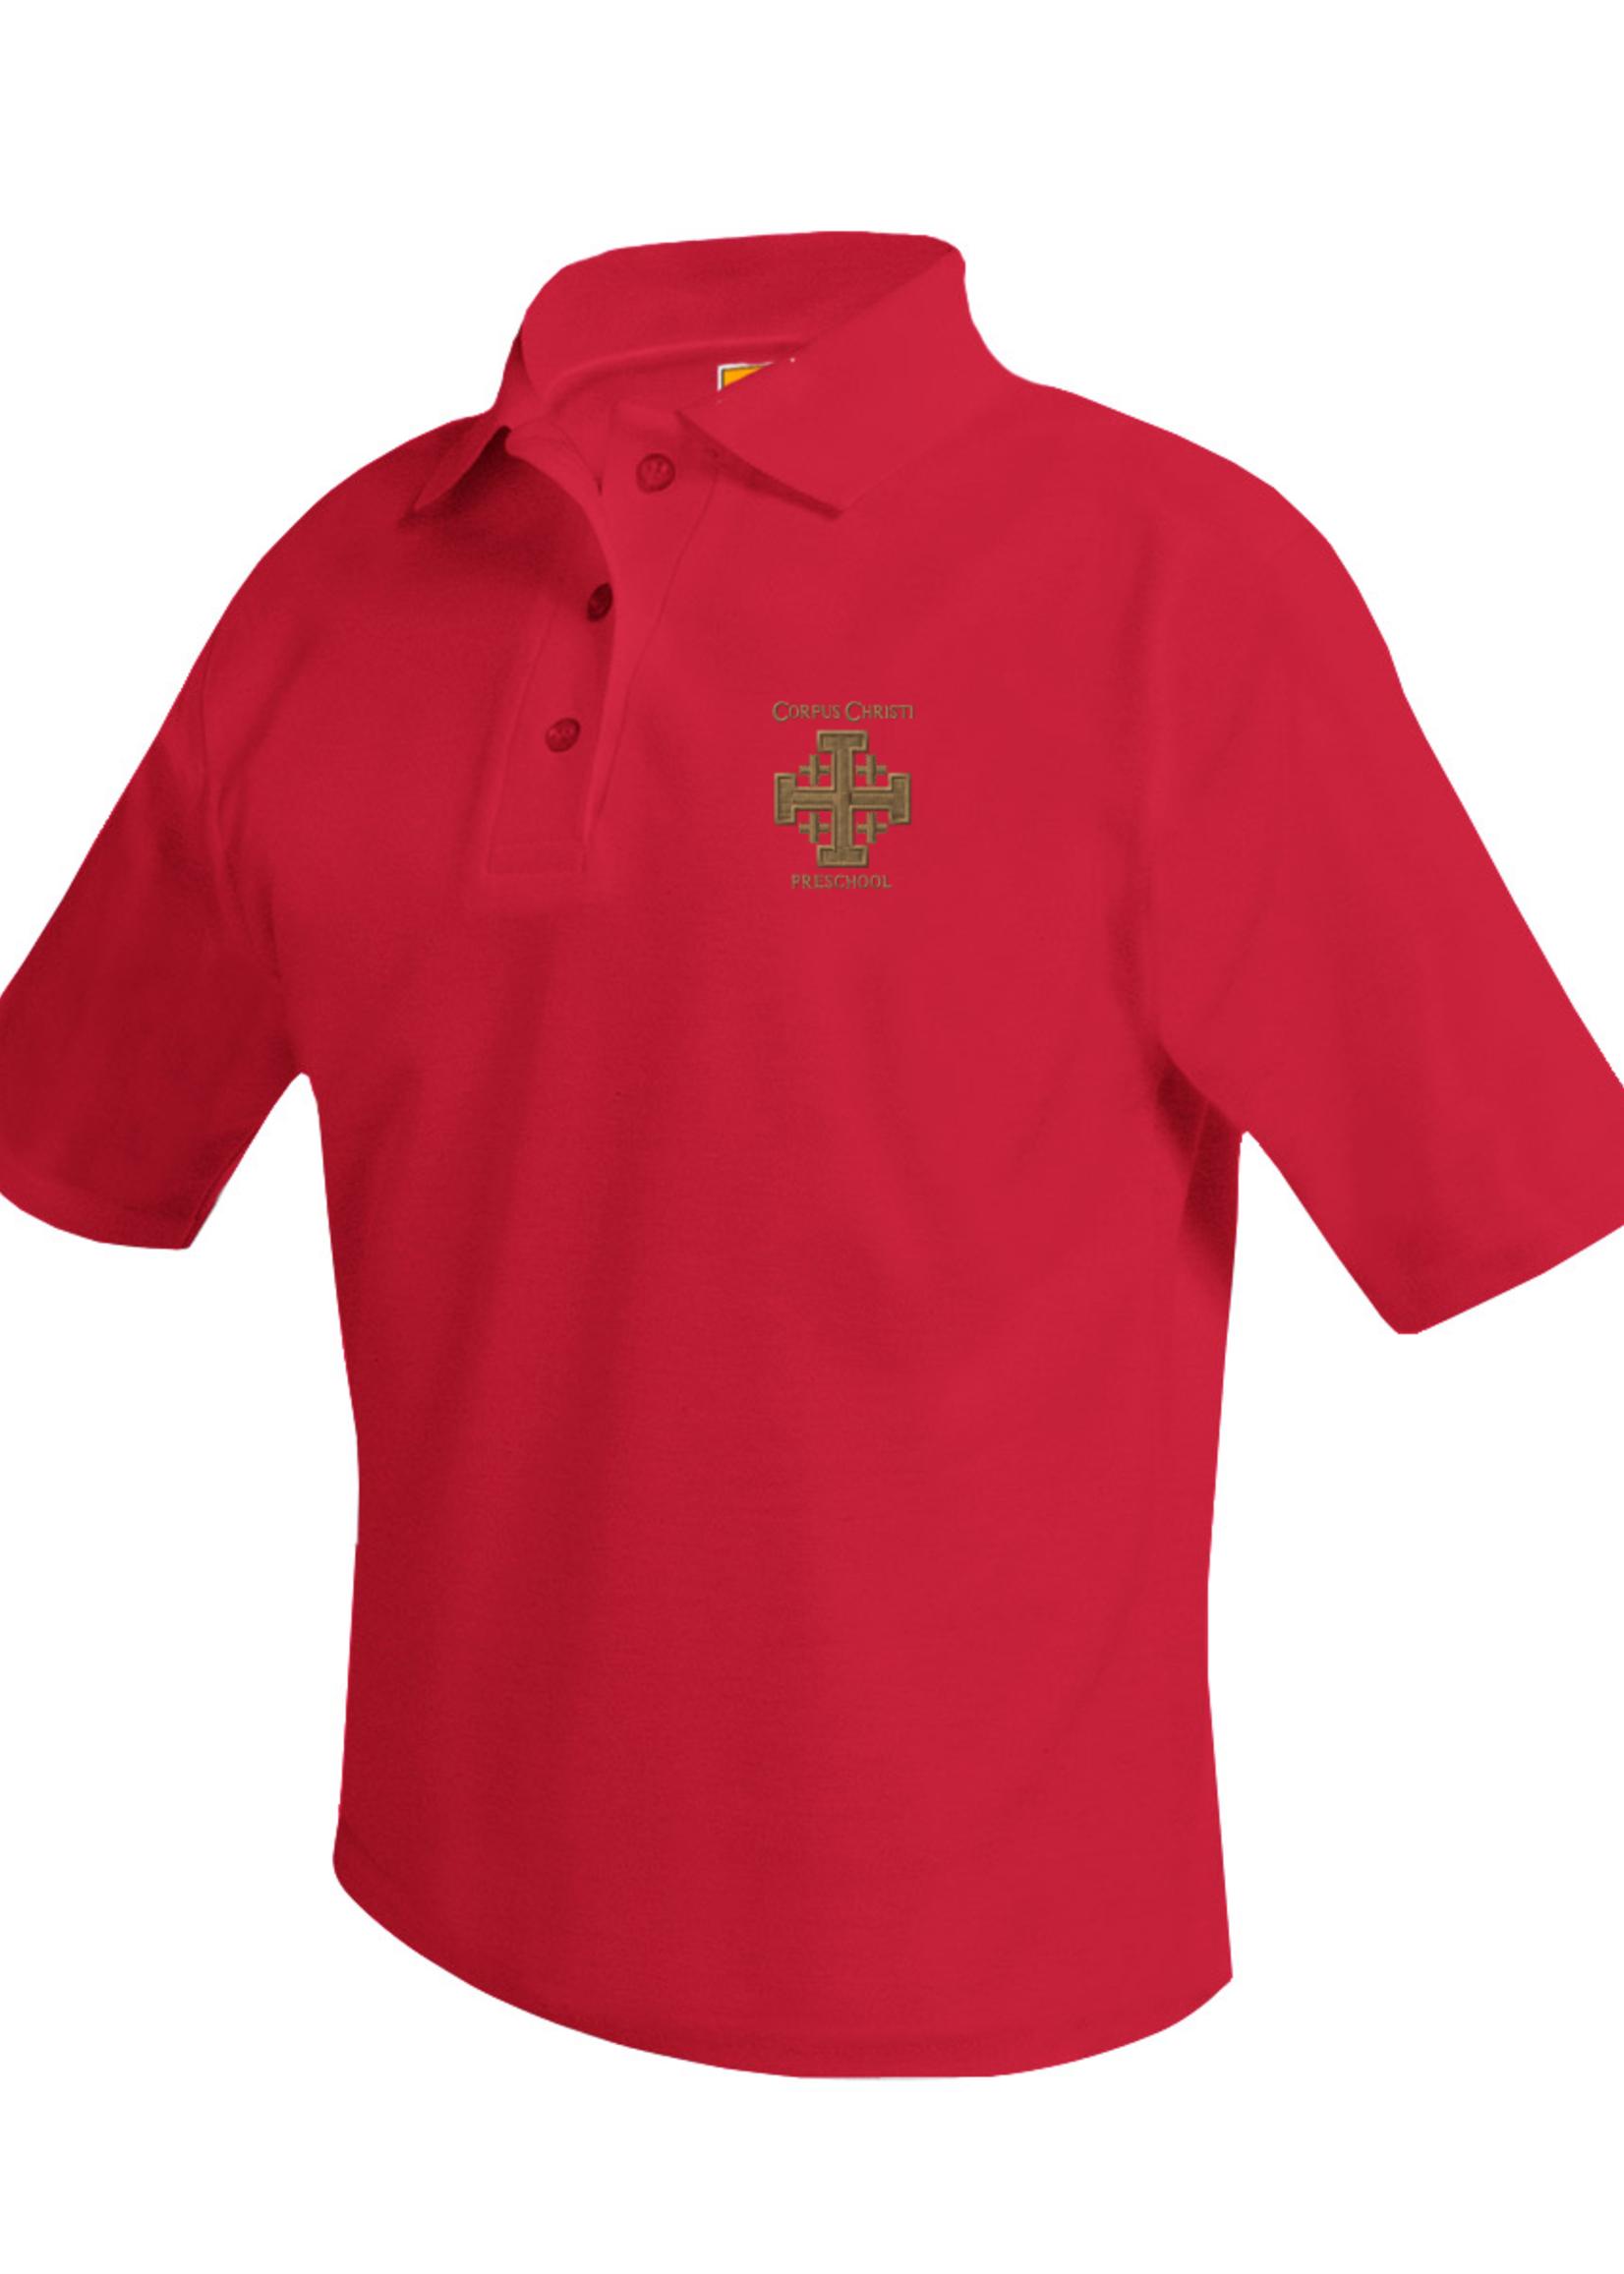 CCPS Short Sleeve Red Pique Polo